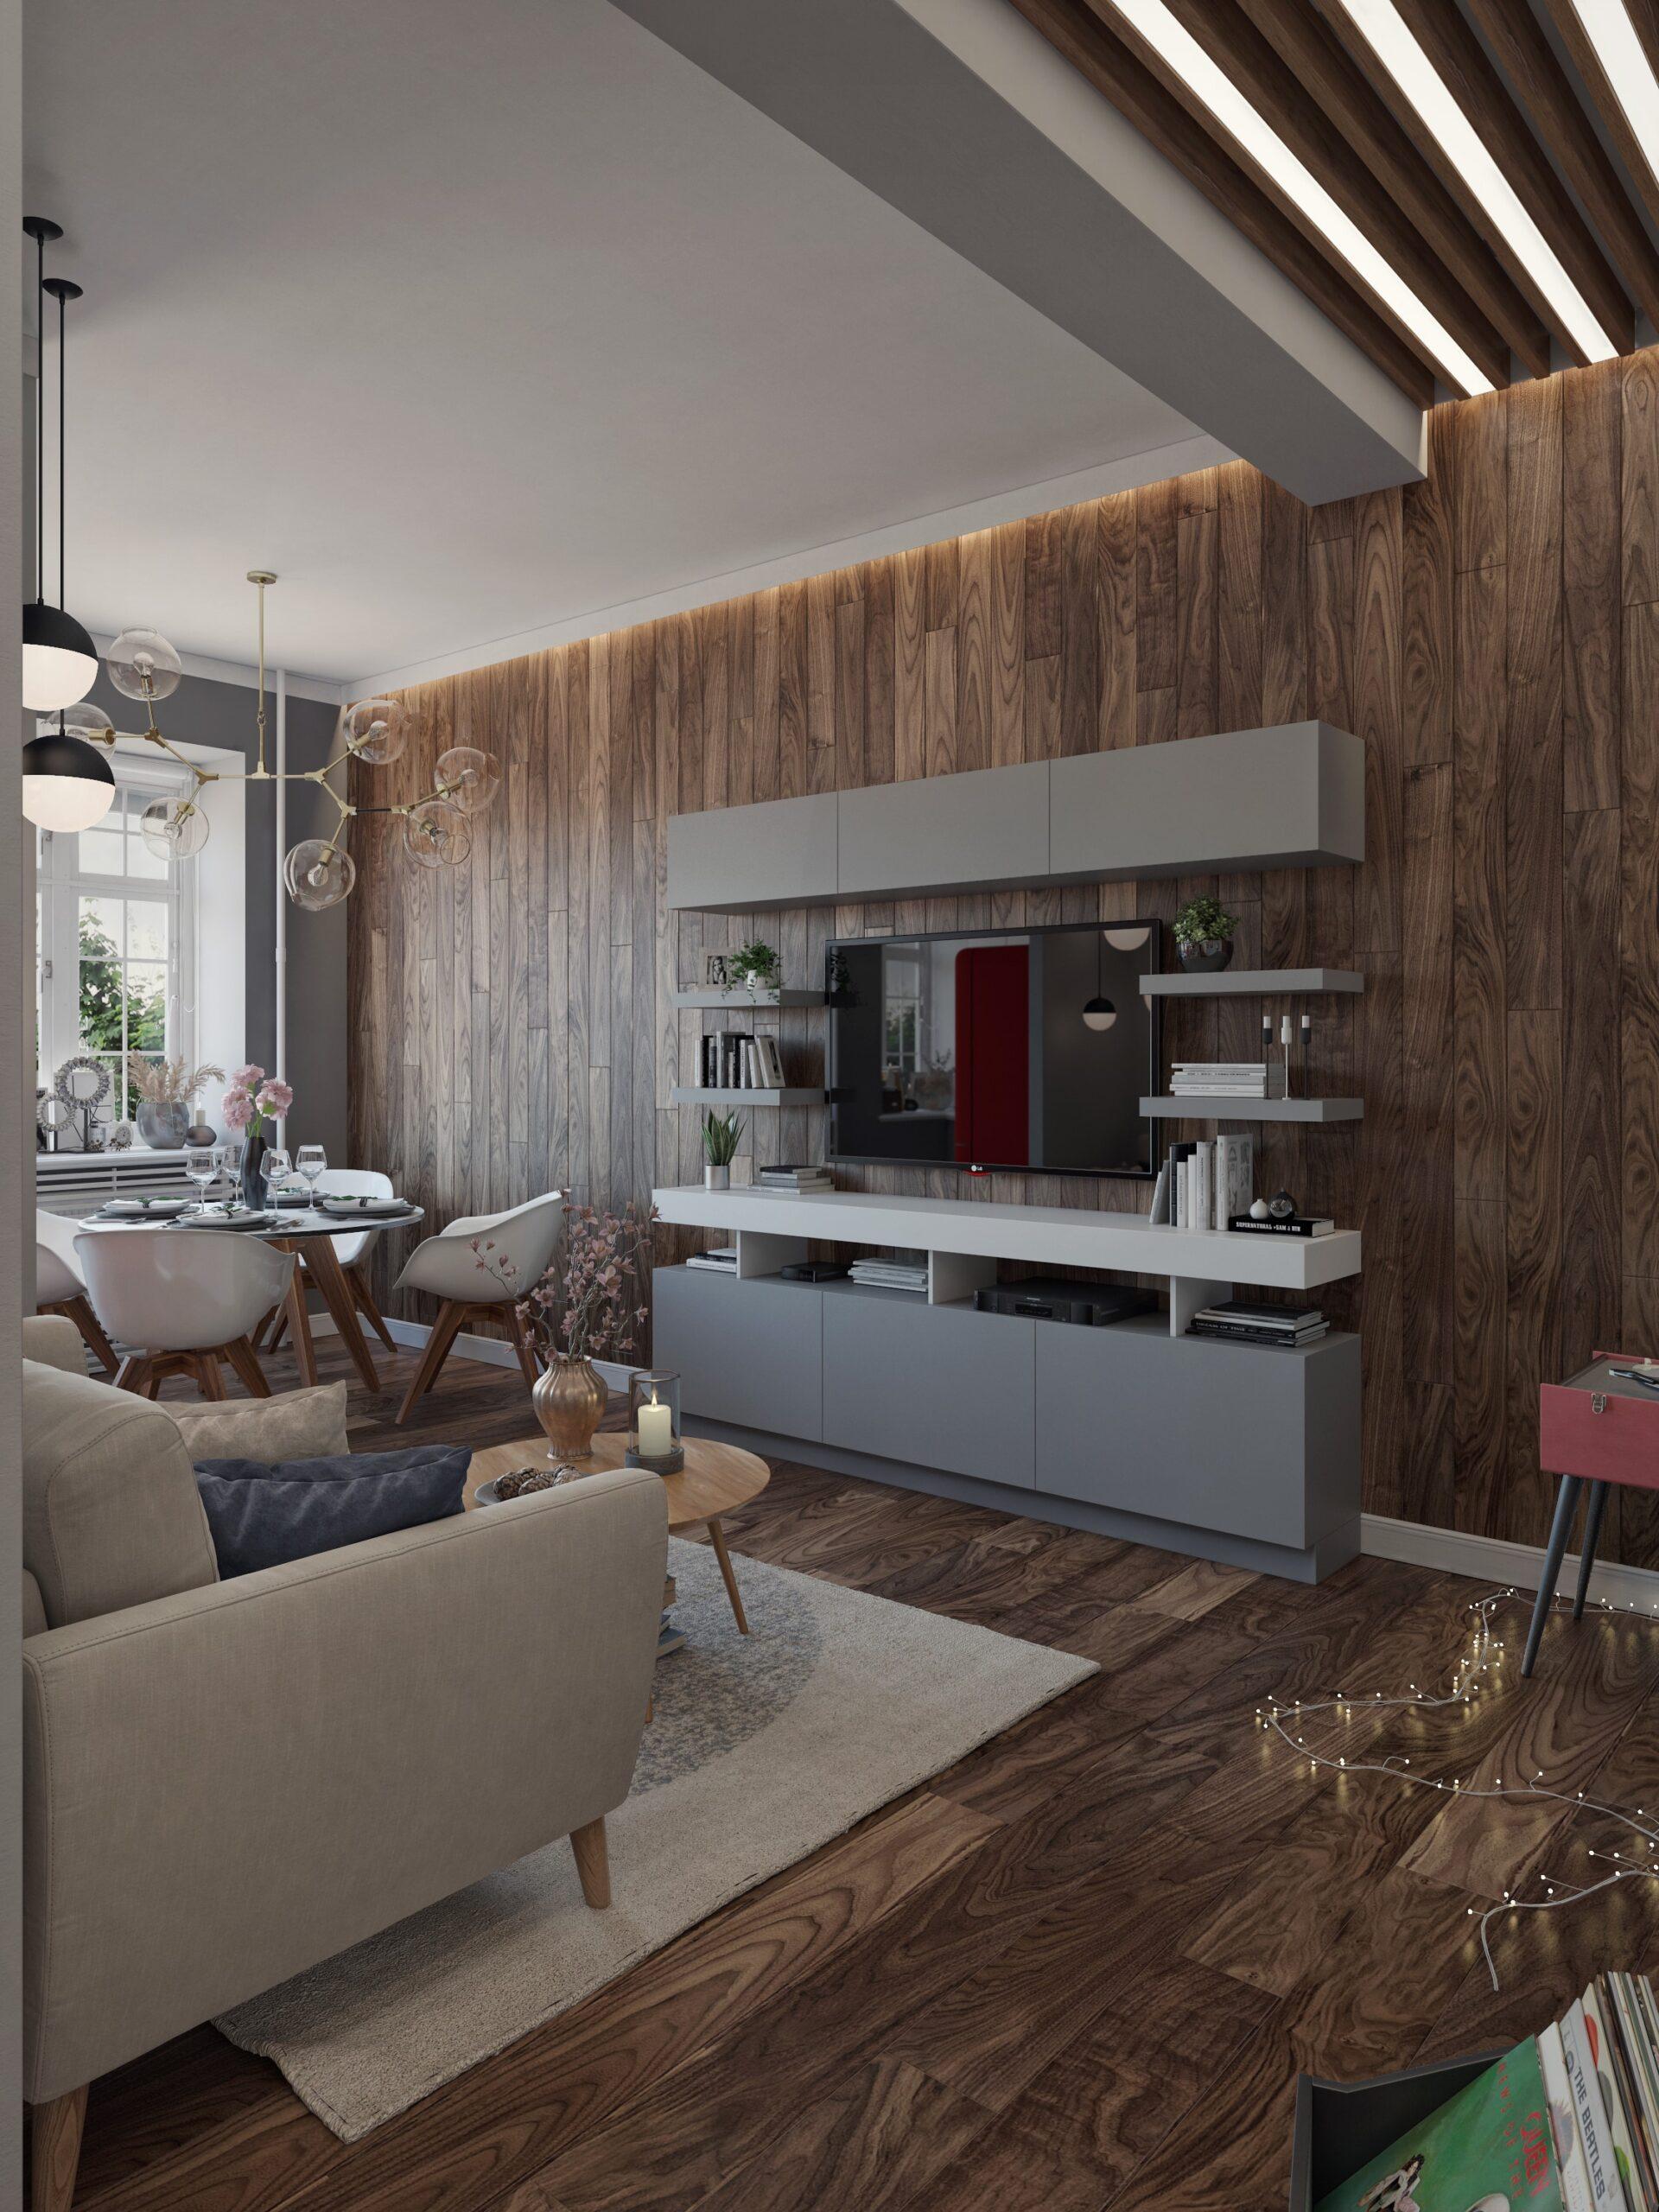 04 Livingroom03 v